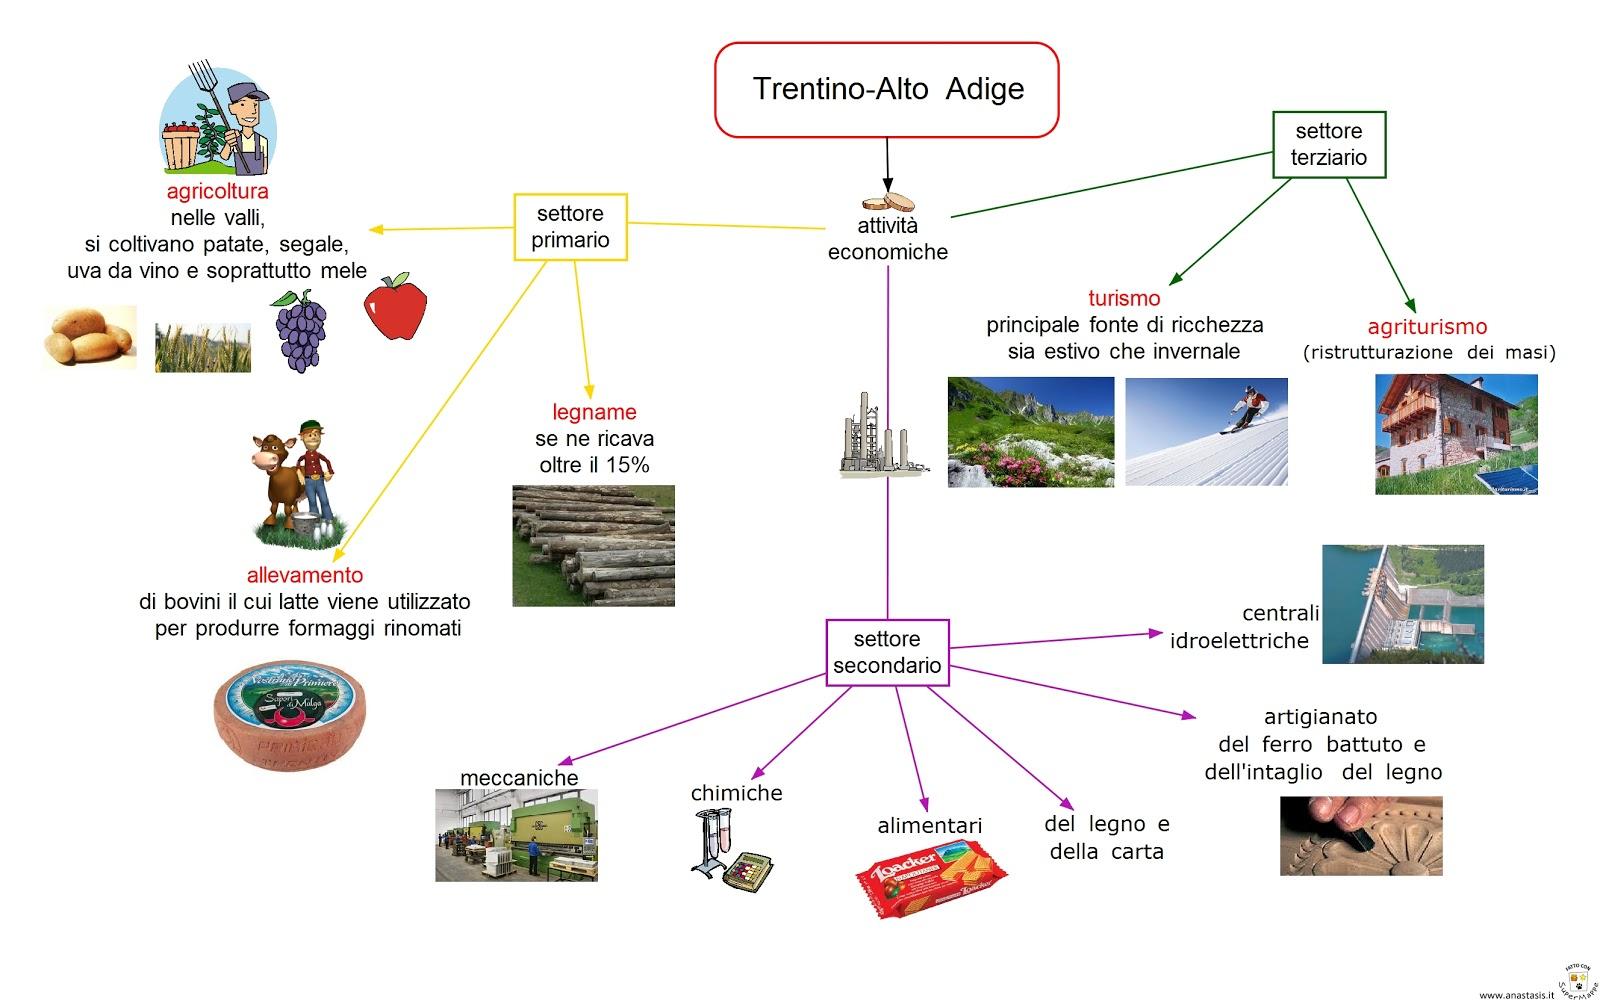 Trentino Alto Adige Artigianato paradiso delle mappe: trentino-alto adige: attività economiche